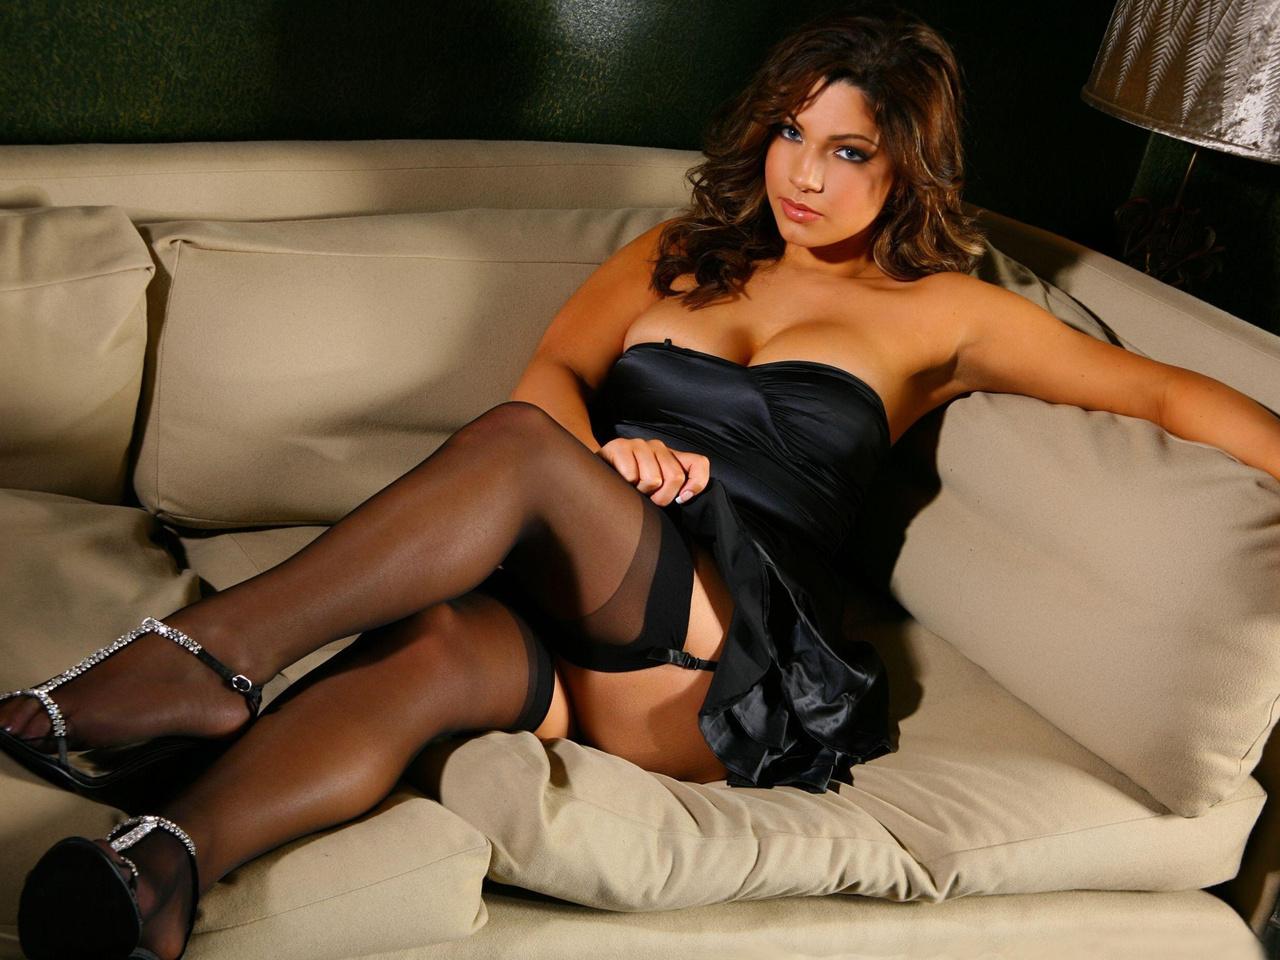 Сексуальные женщины онлайн, Порно зрелых онлайн бесплатно в хорошем качестве 2 фотография